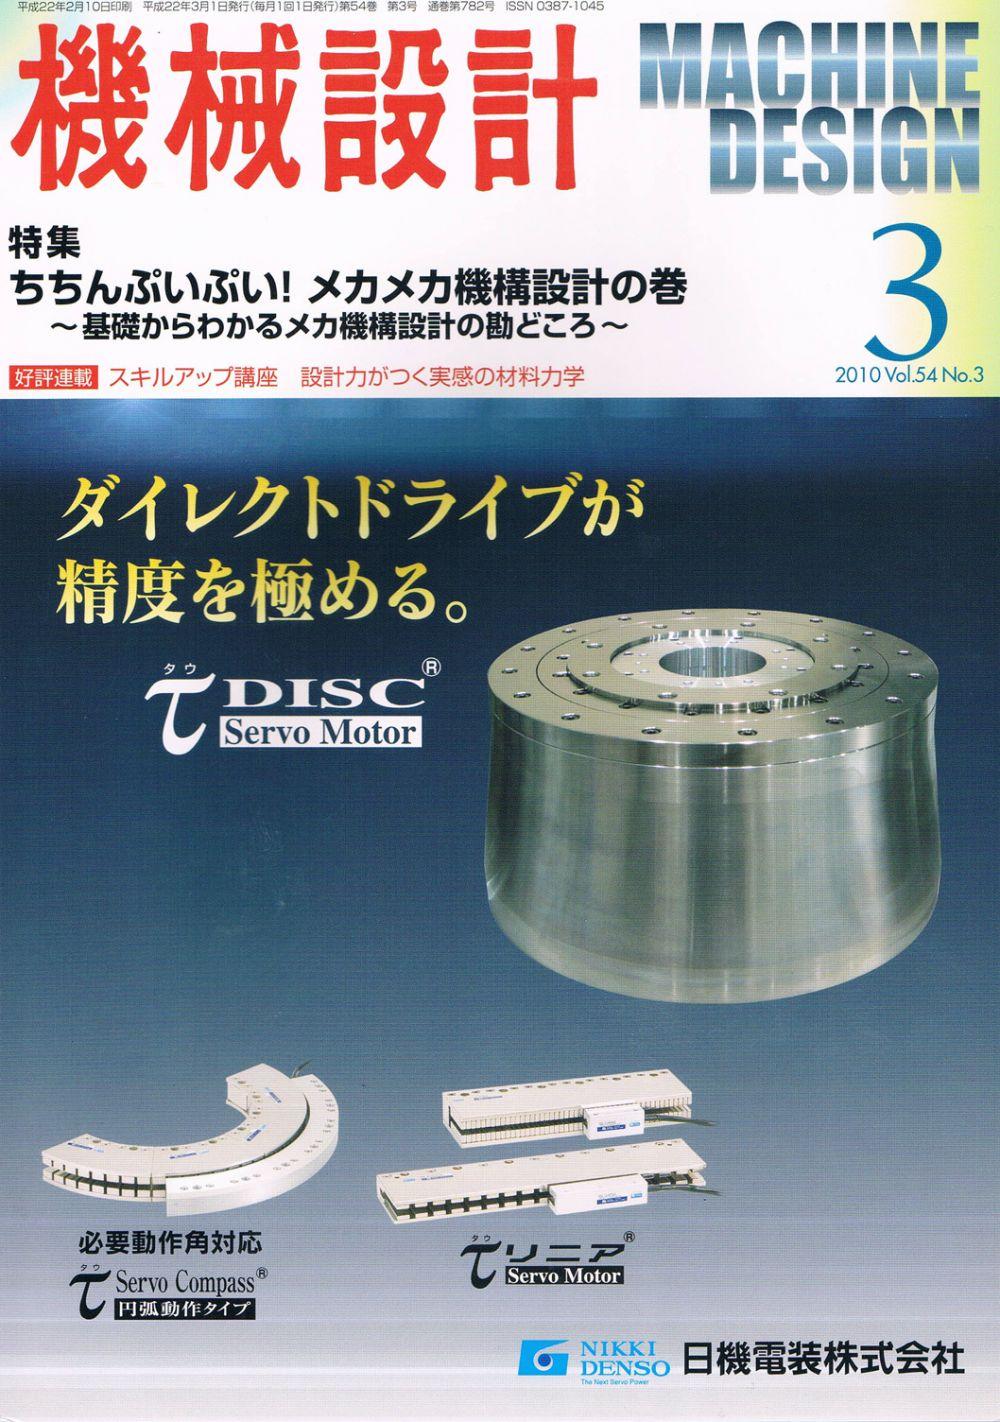 機械設計2010 vol.54_No.3号「イテムコンペ」掲載